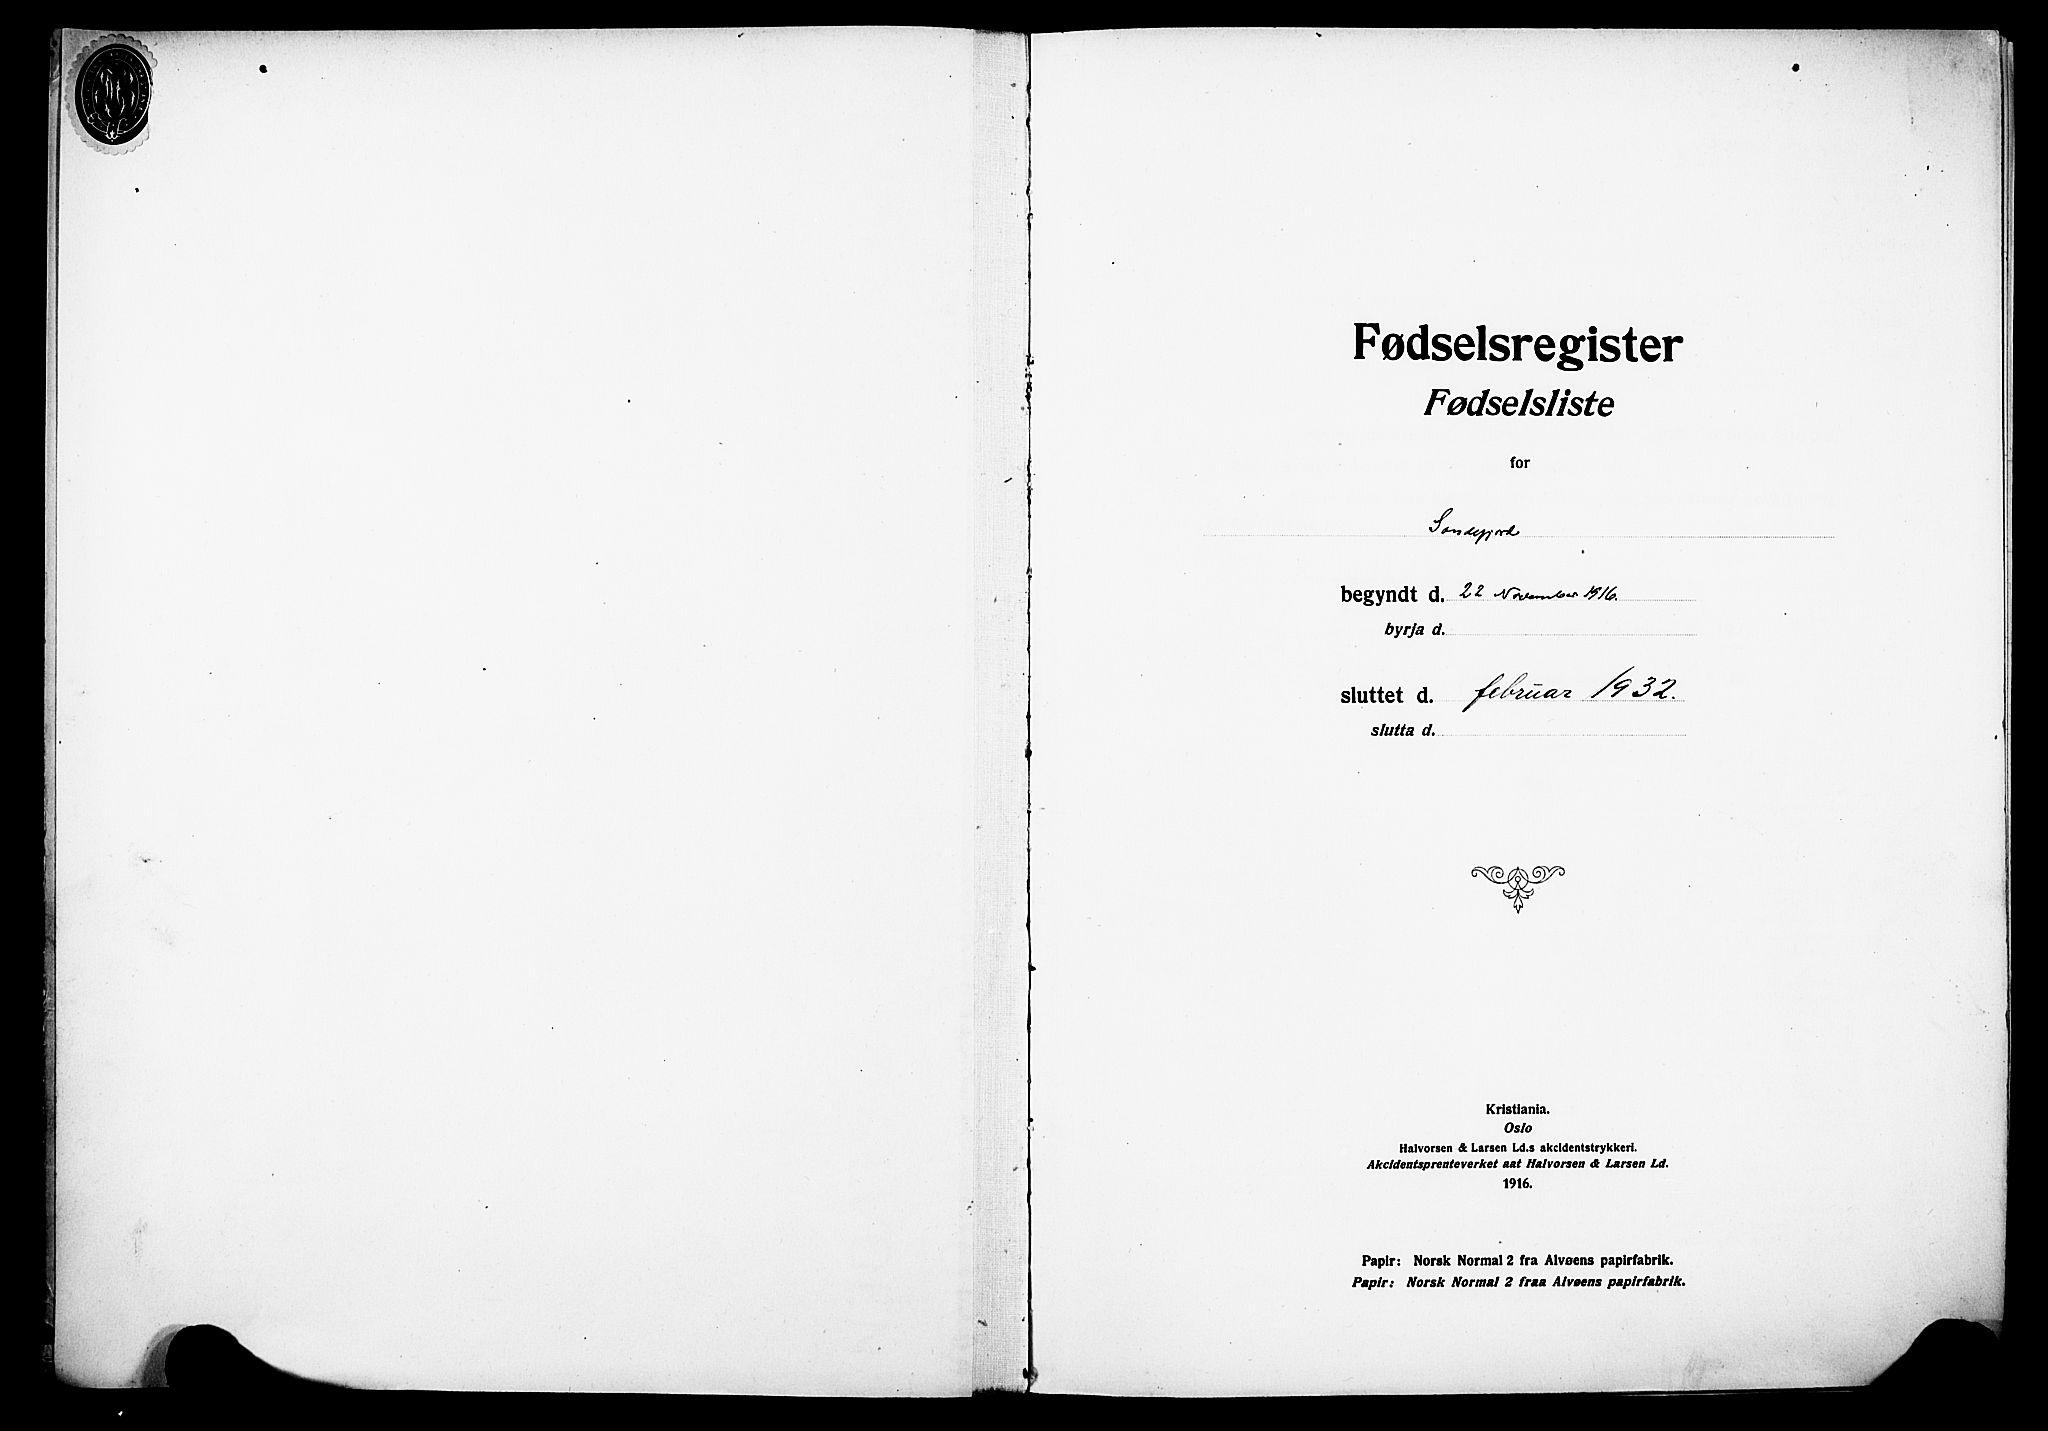 SAKO, Sandefjord kirkebøker, J/Ja/L0001: Fødselsregister nr. 1, 1916-1932